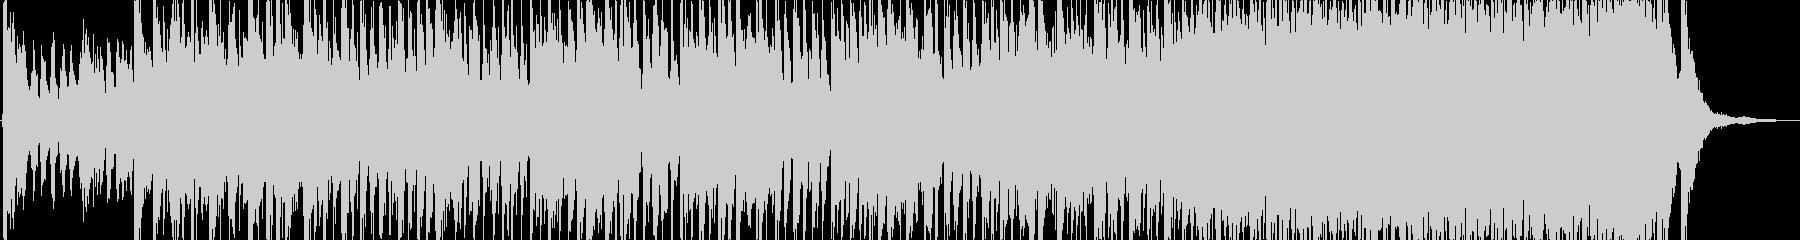 アラビア風の雰囲気のBGM3の未再生の波形